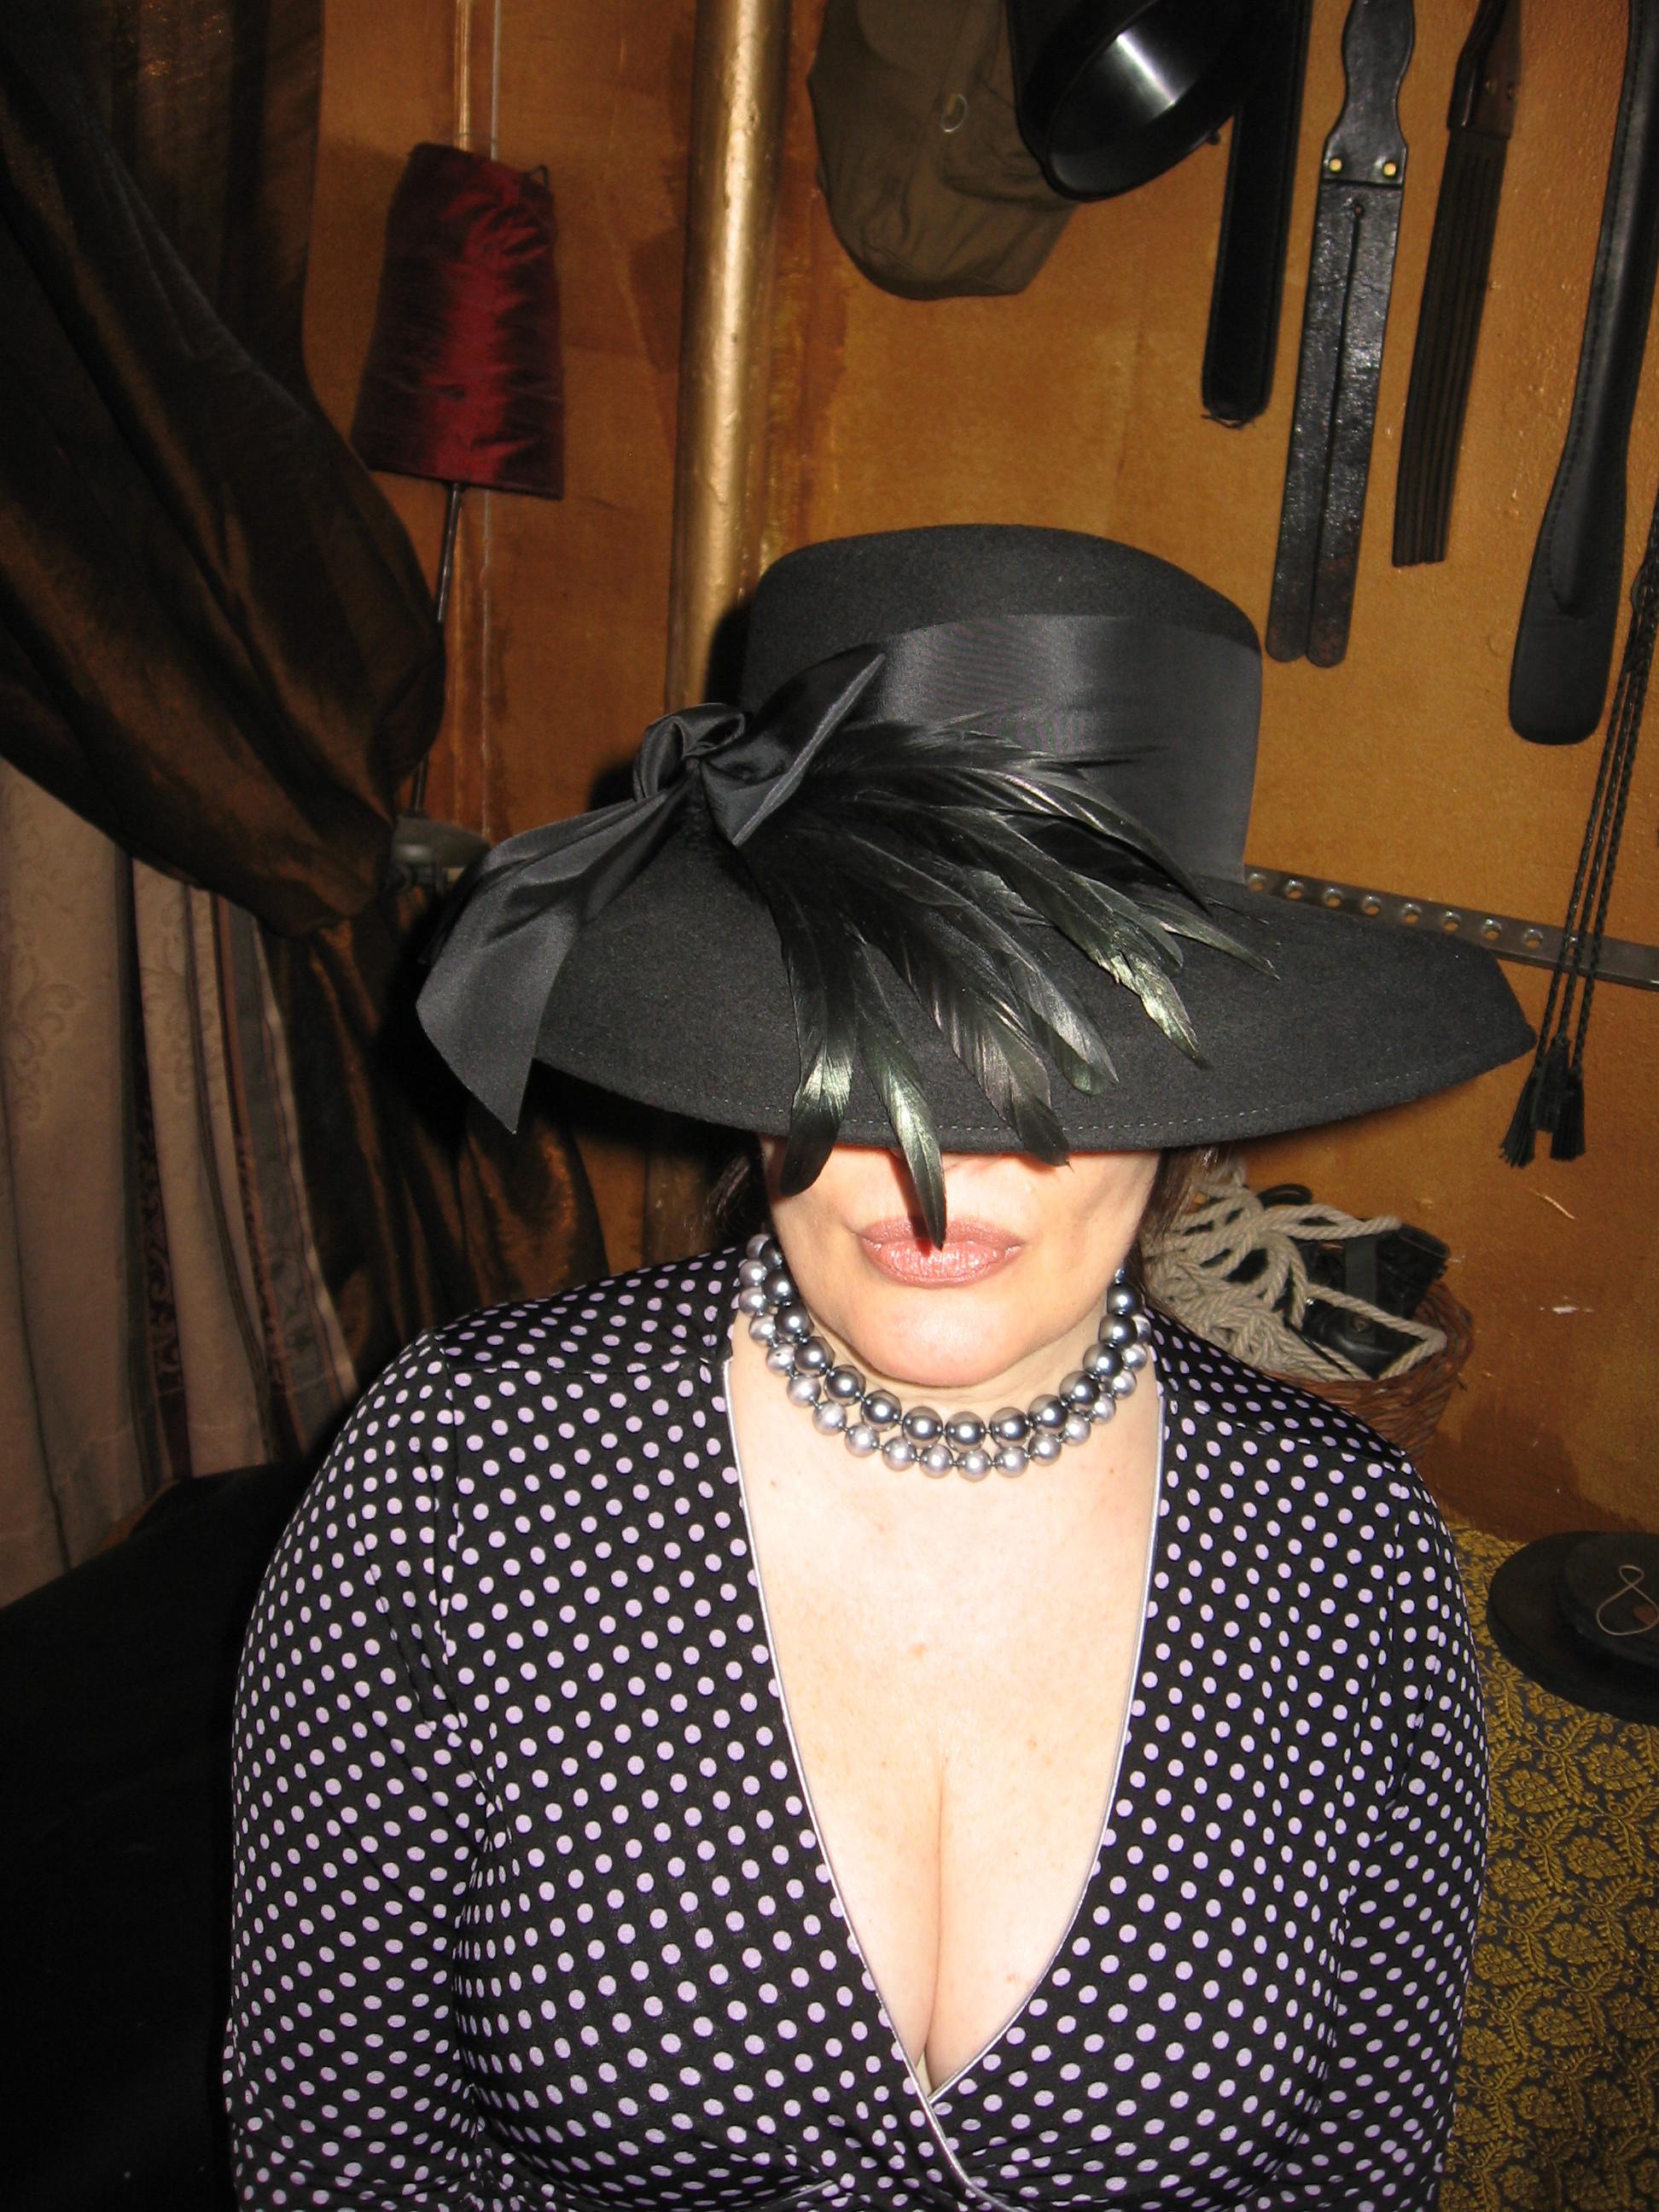 HRH Countess Cane